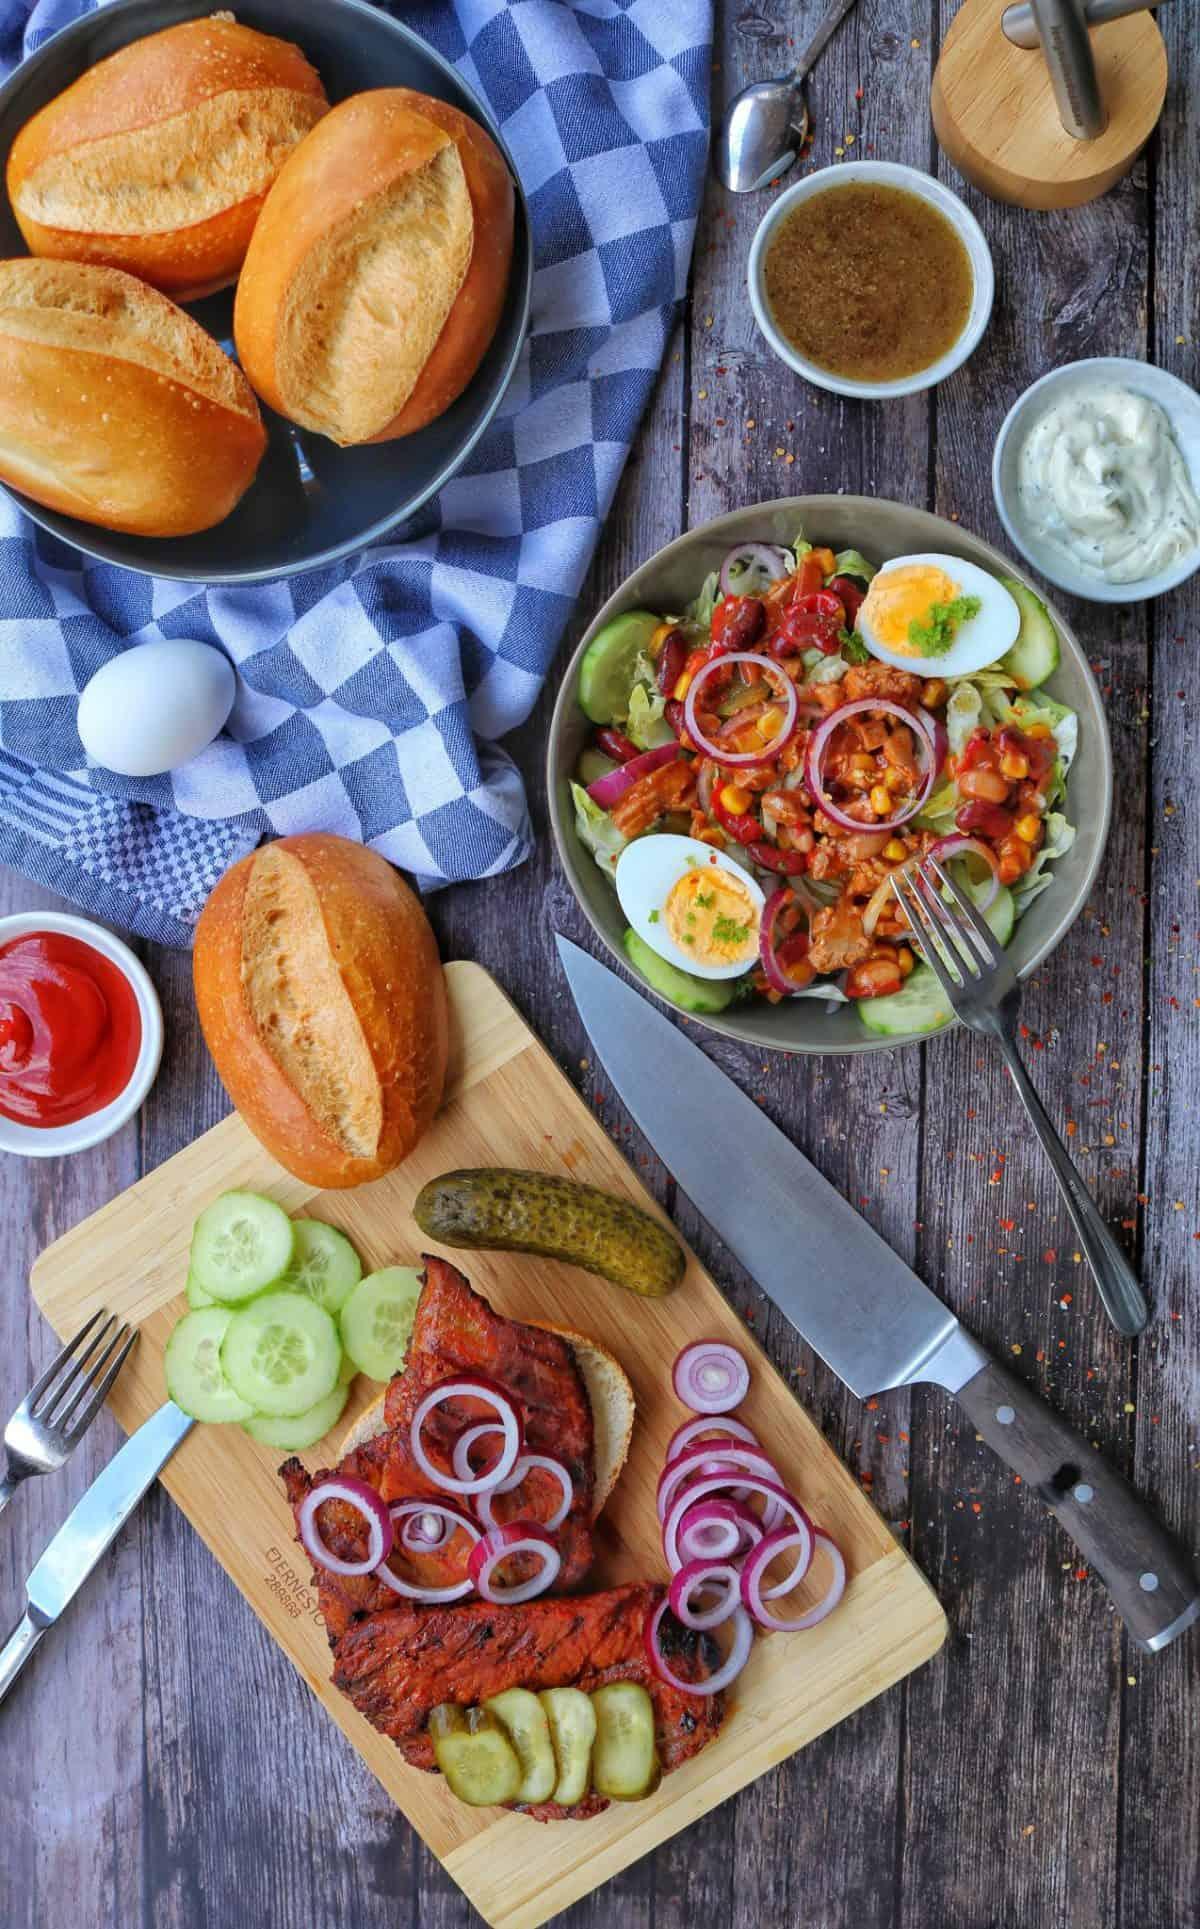 Steaks auf einem Brötchen. Dazu eine Salatbowl, weitere Brötchen und Deko